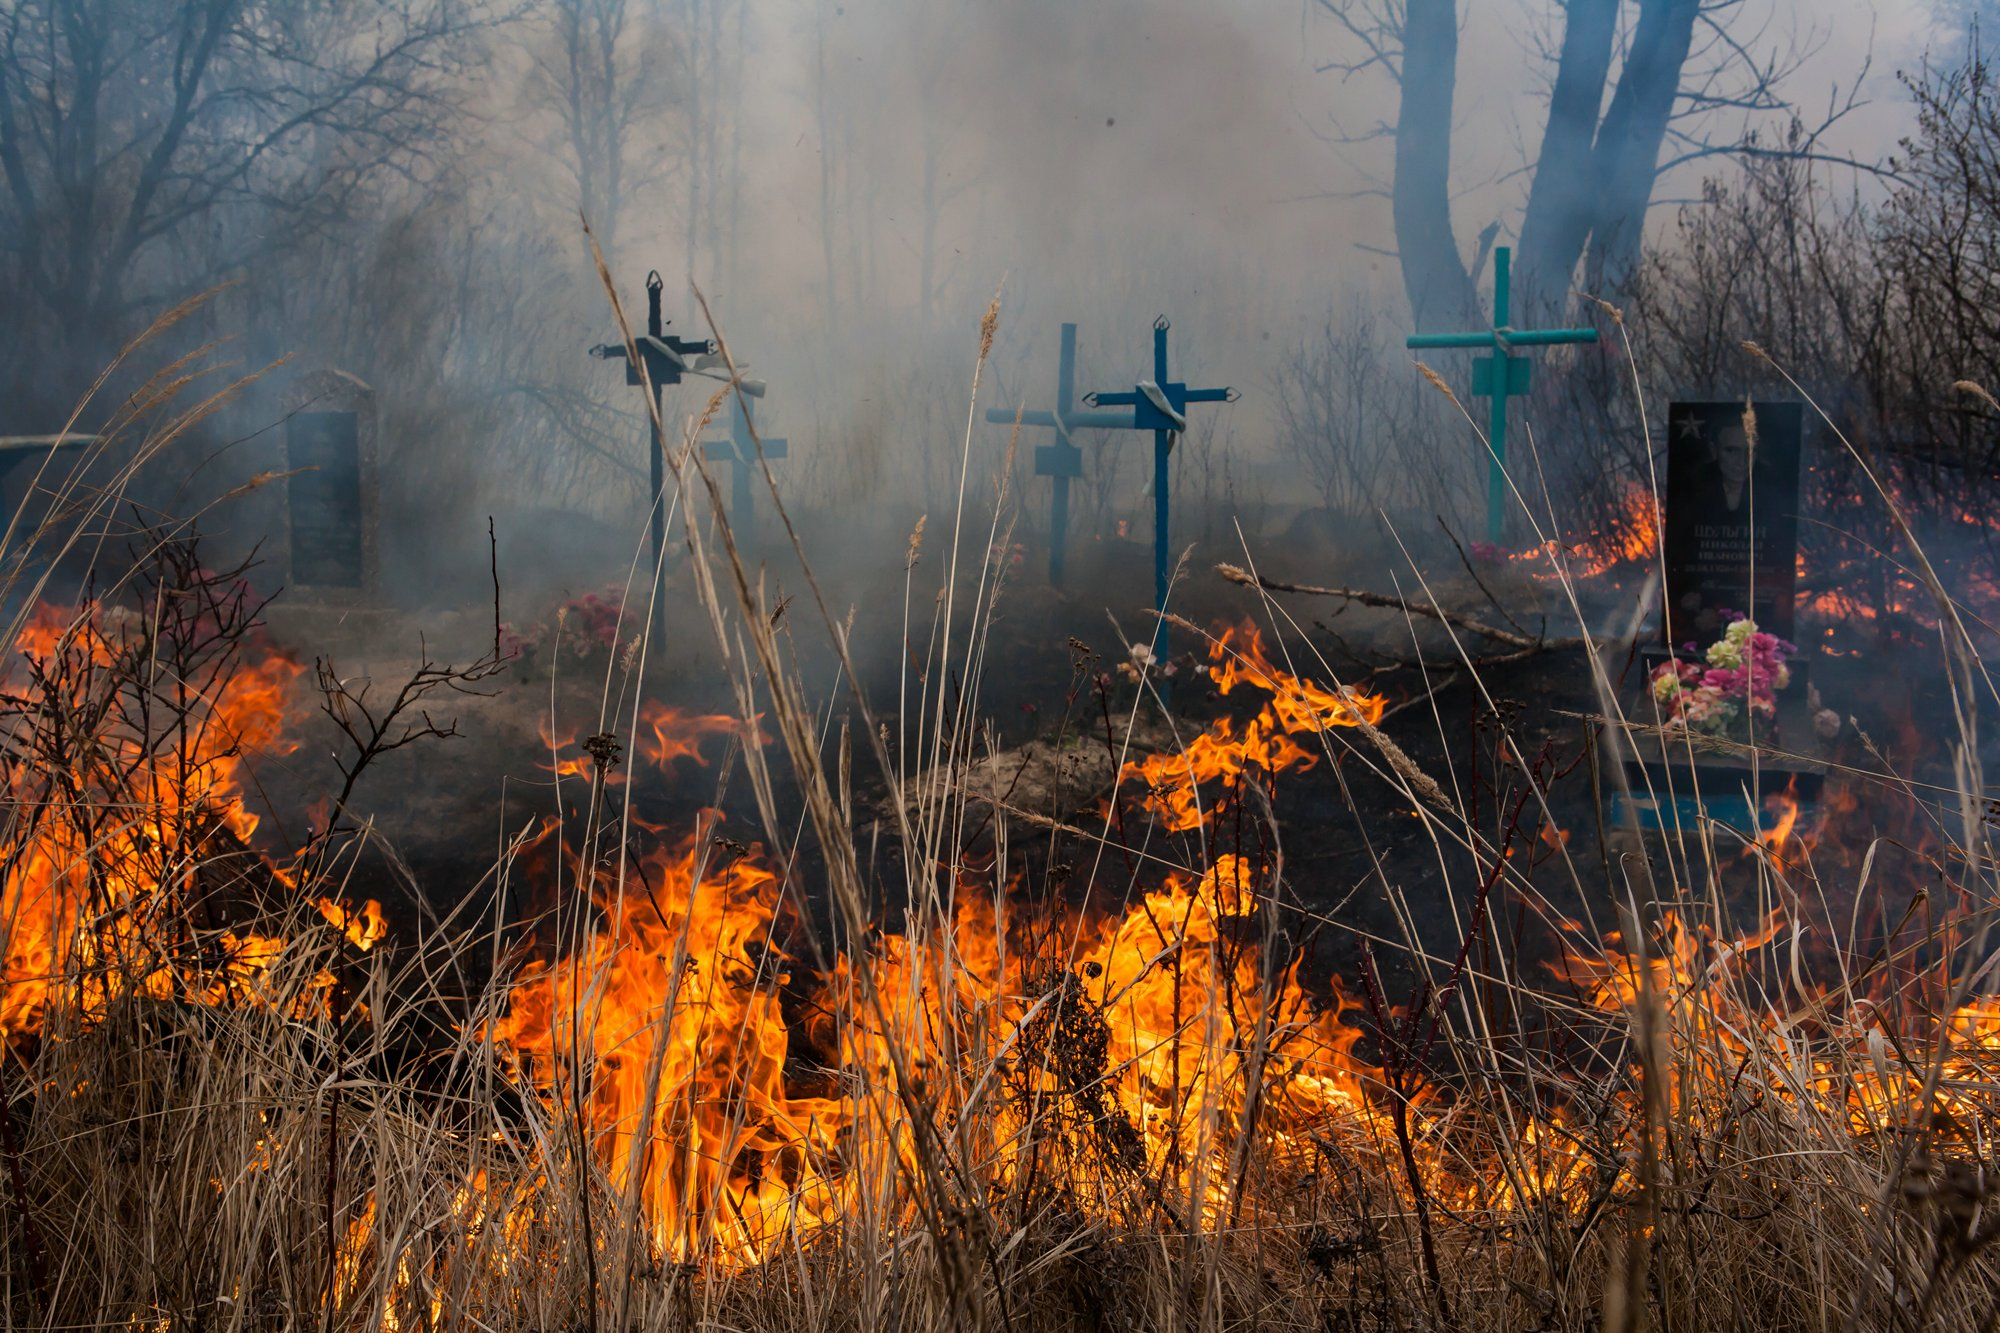 Под Тверью чуть не сгорело городское кладбище: видео